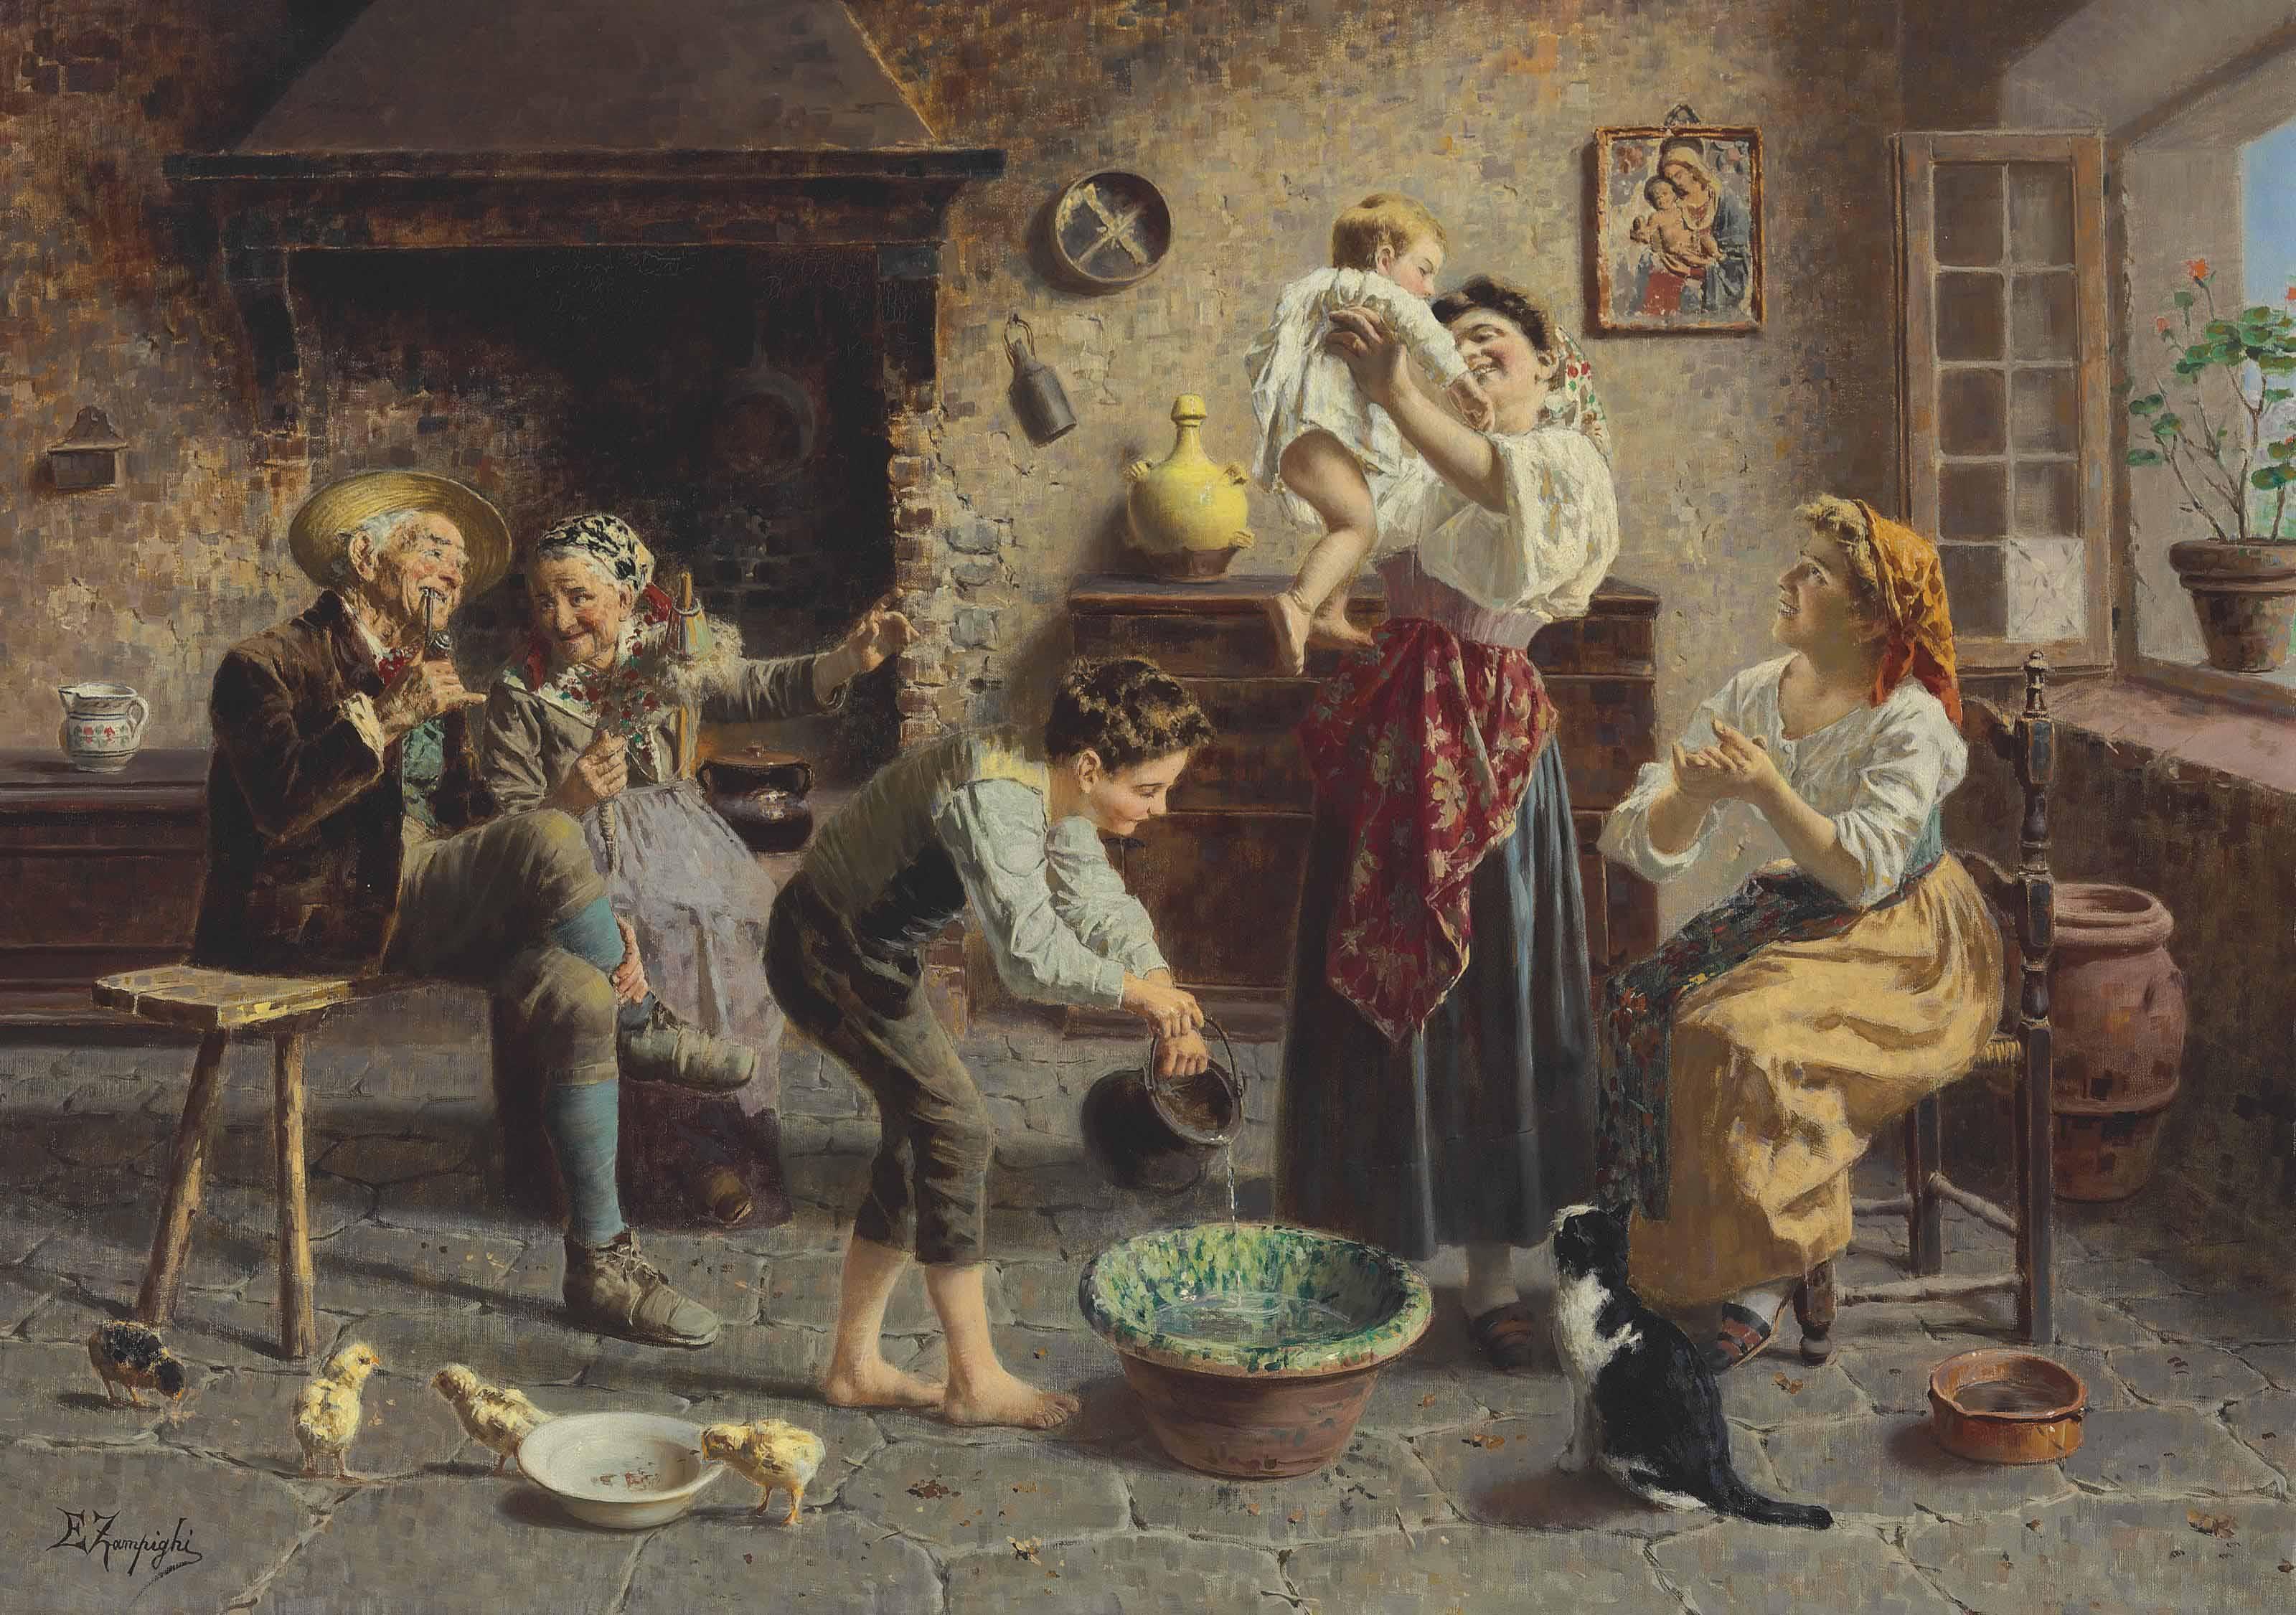 Eugenio Edouardo Zampighi (Italian, 1855-1944)